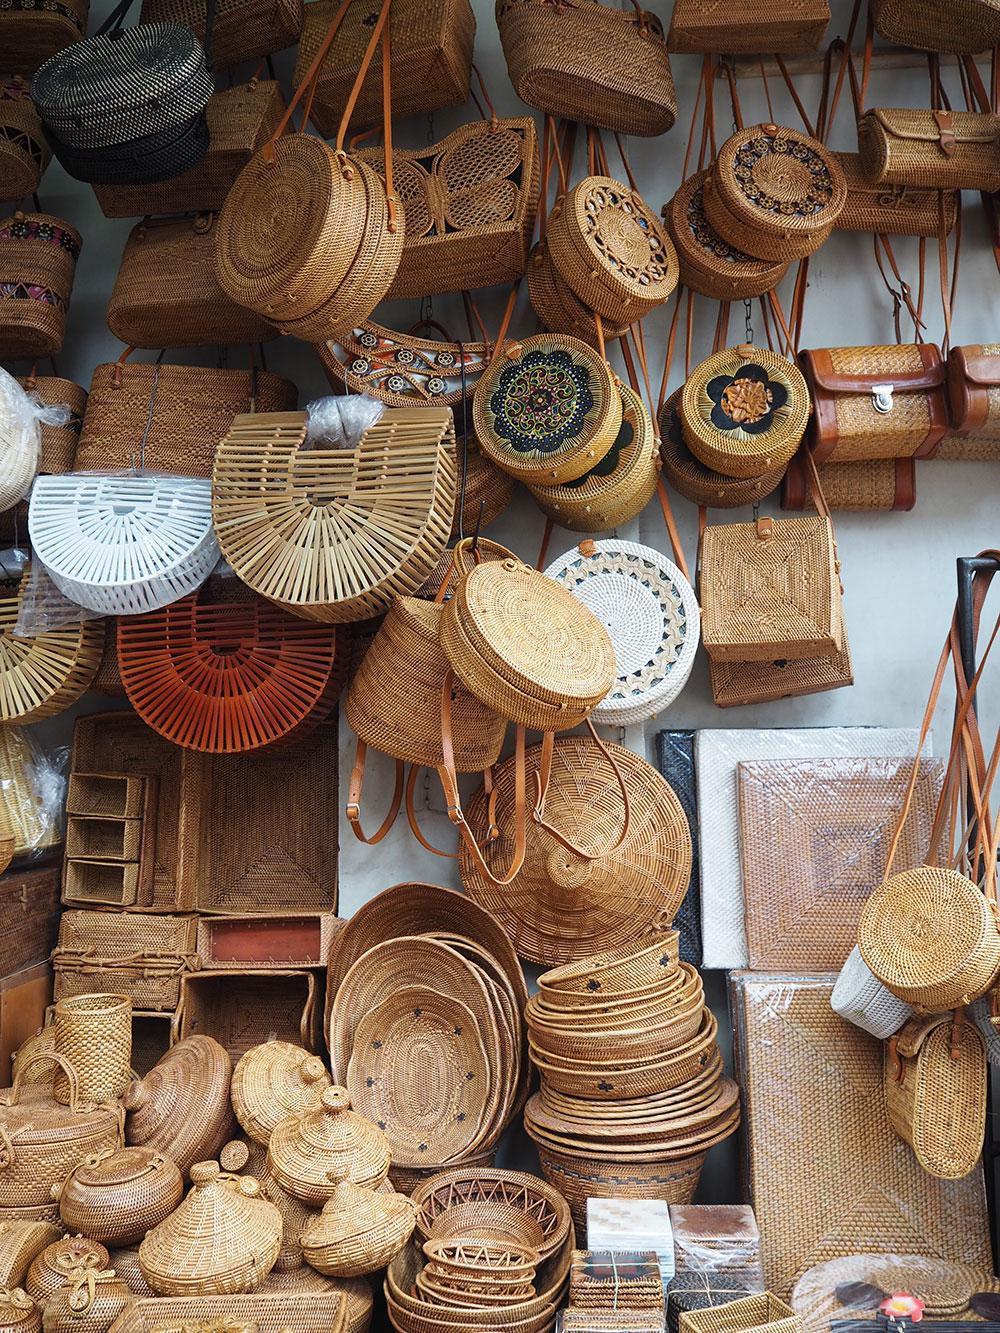 RosyCheeks-Bali-Ubud-market-basket-bags